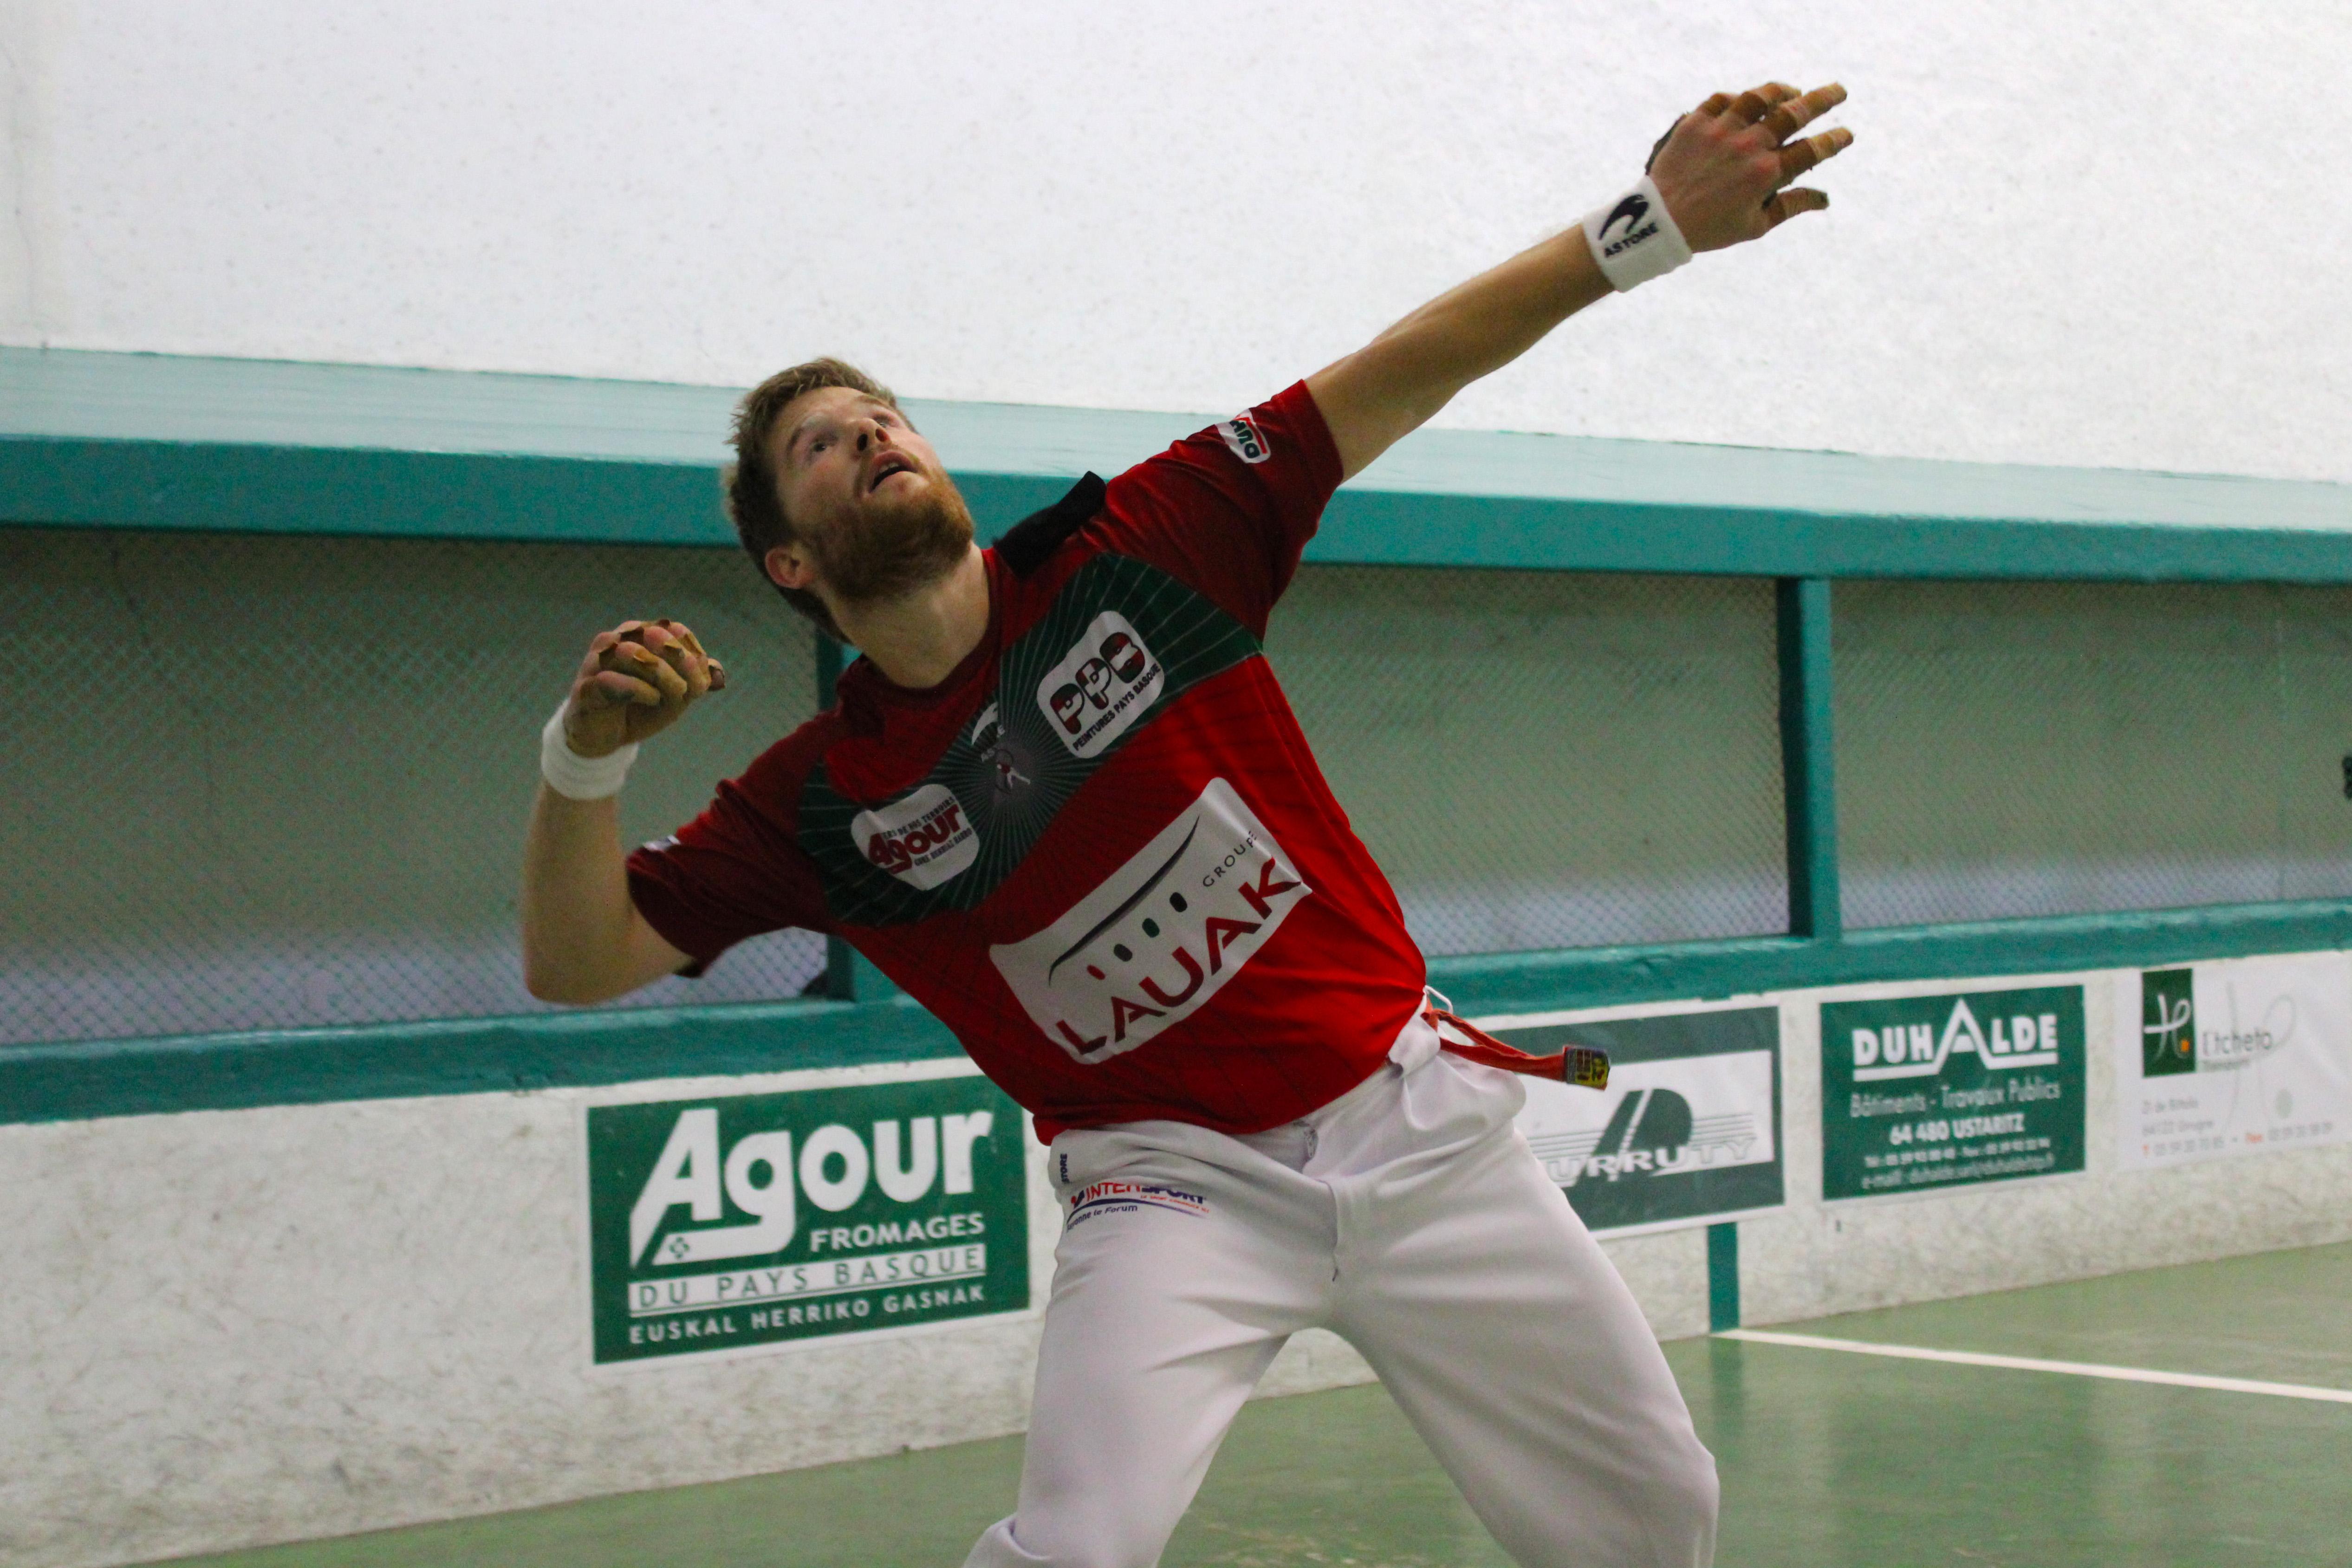 Baptiste Ducassou est en finale du tournoi de Sare